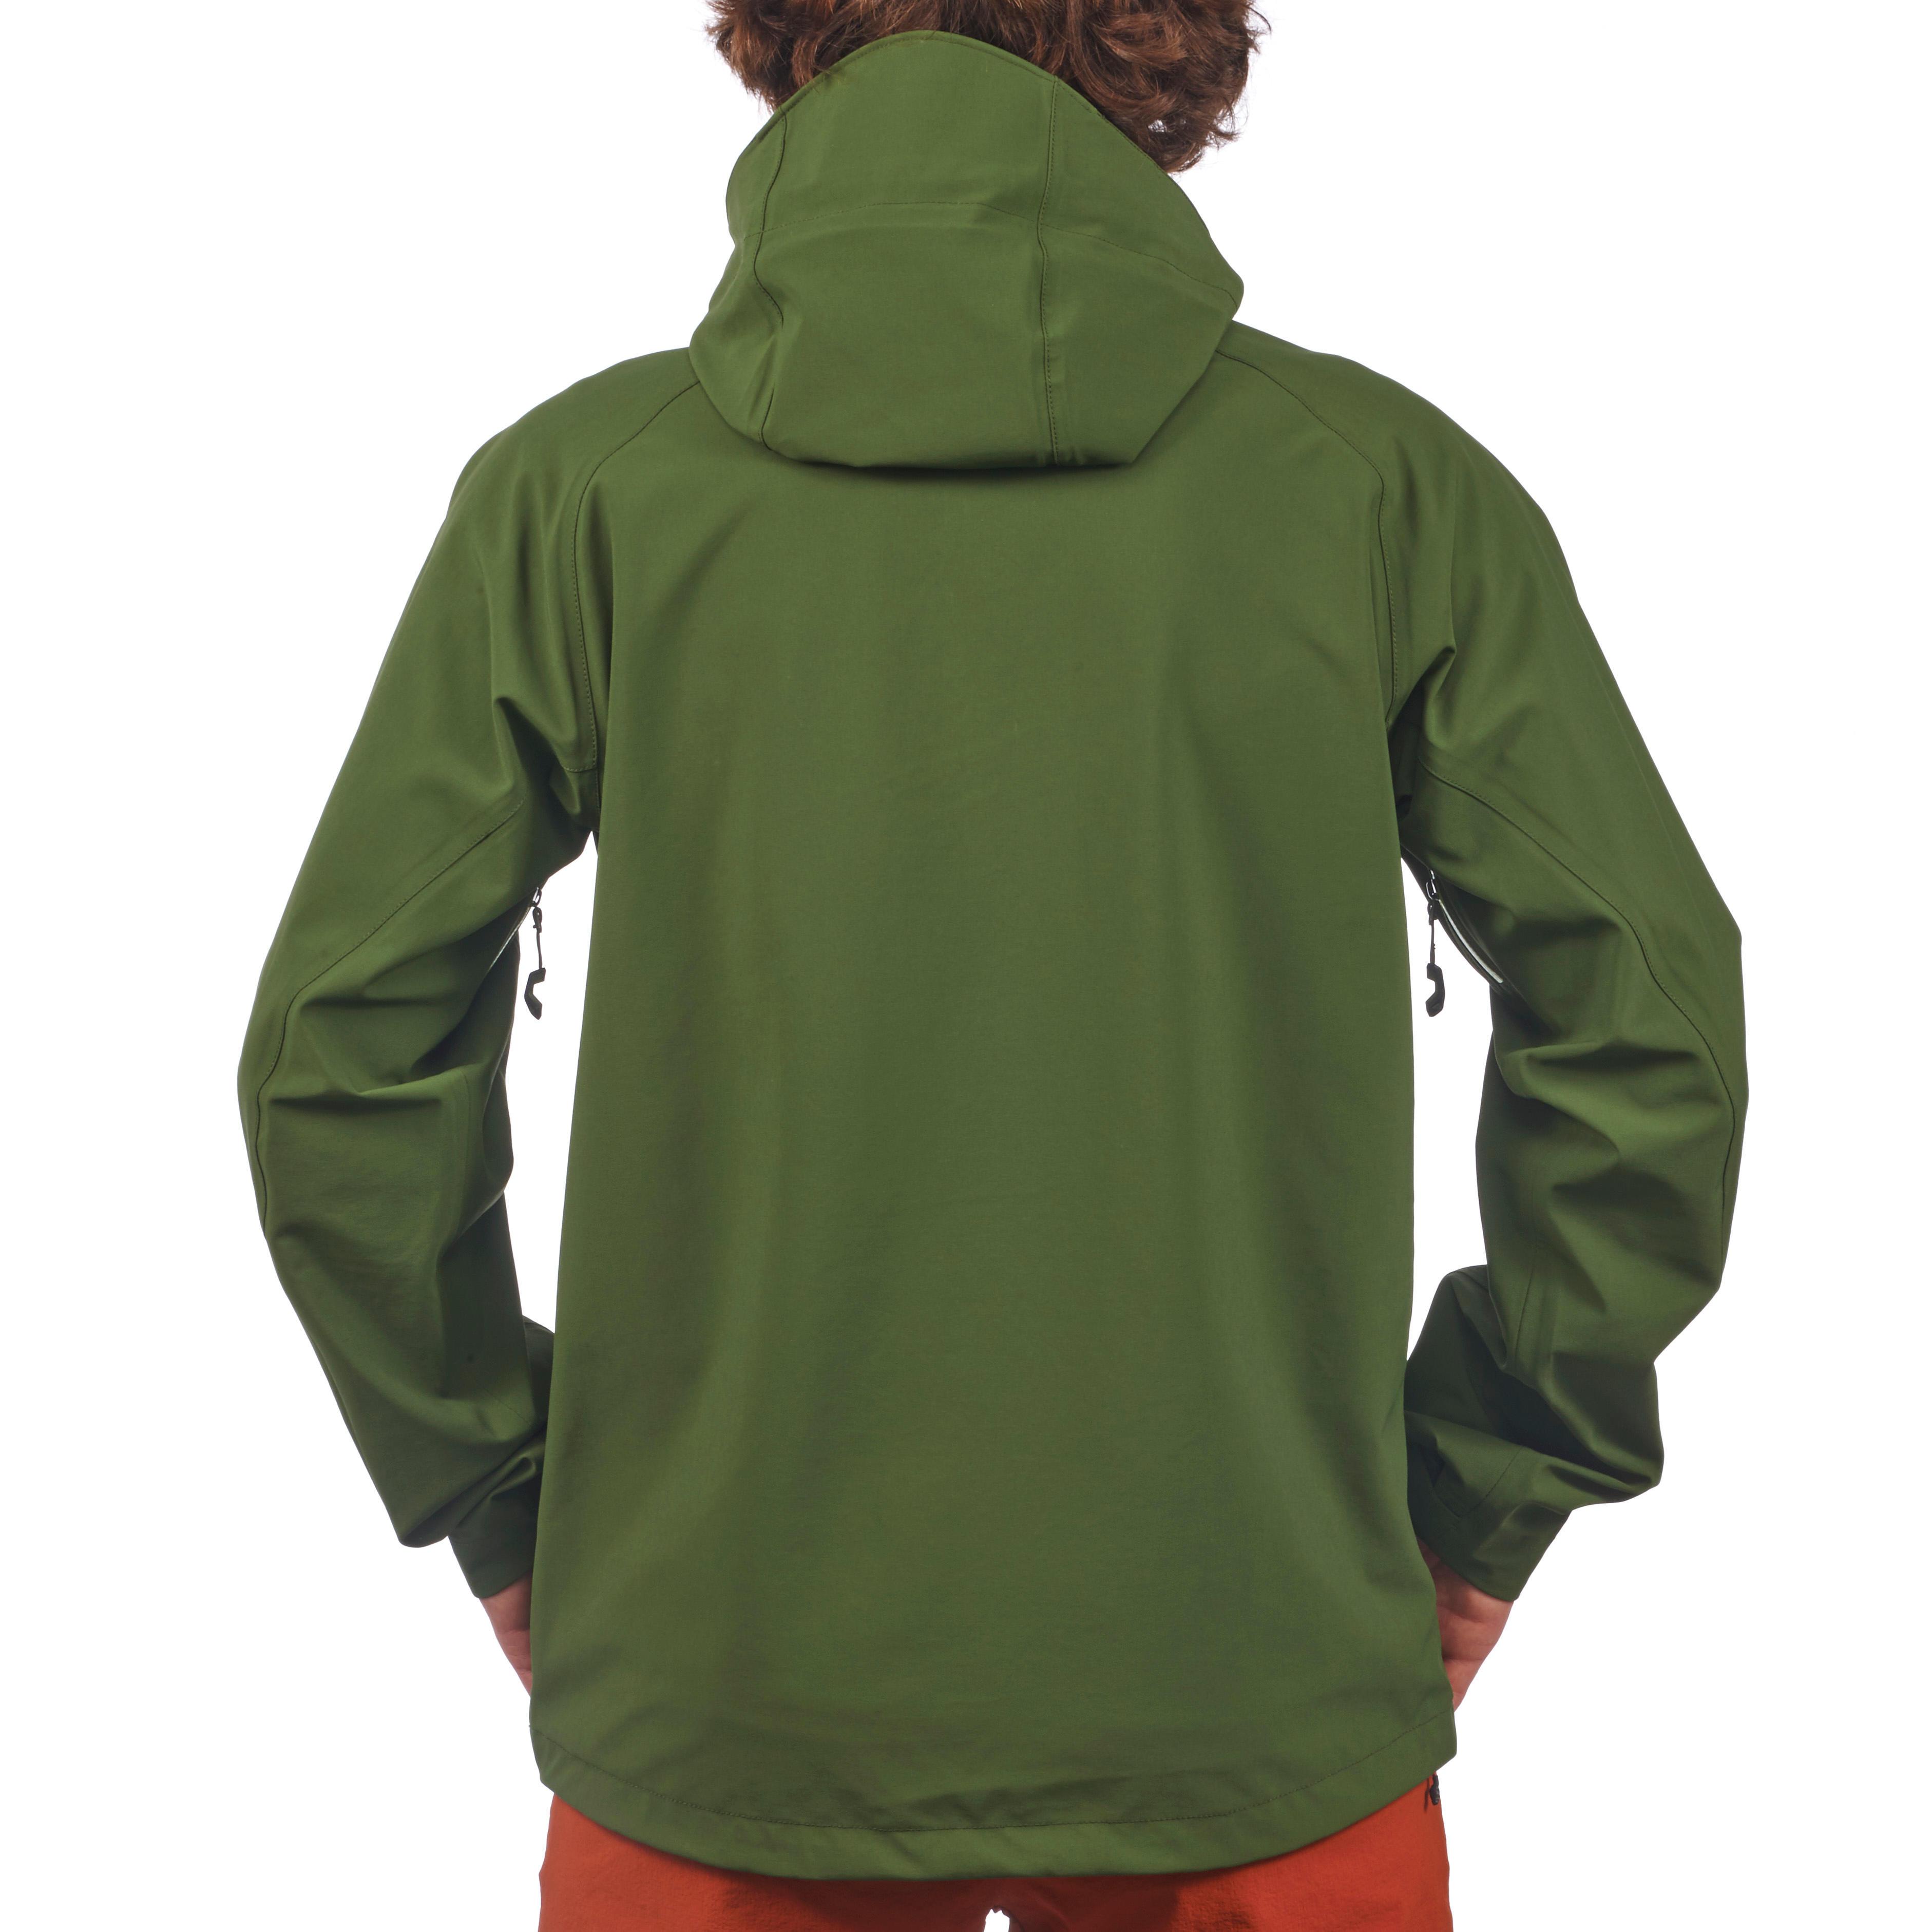 Veste pluie randonnée montagne  MH500 imperméable homme Vert